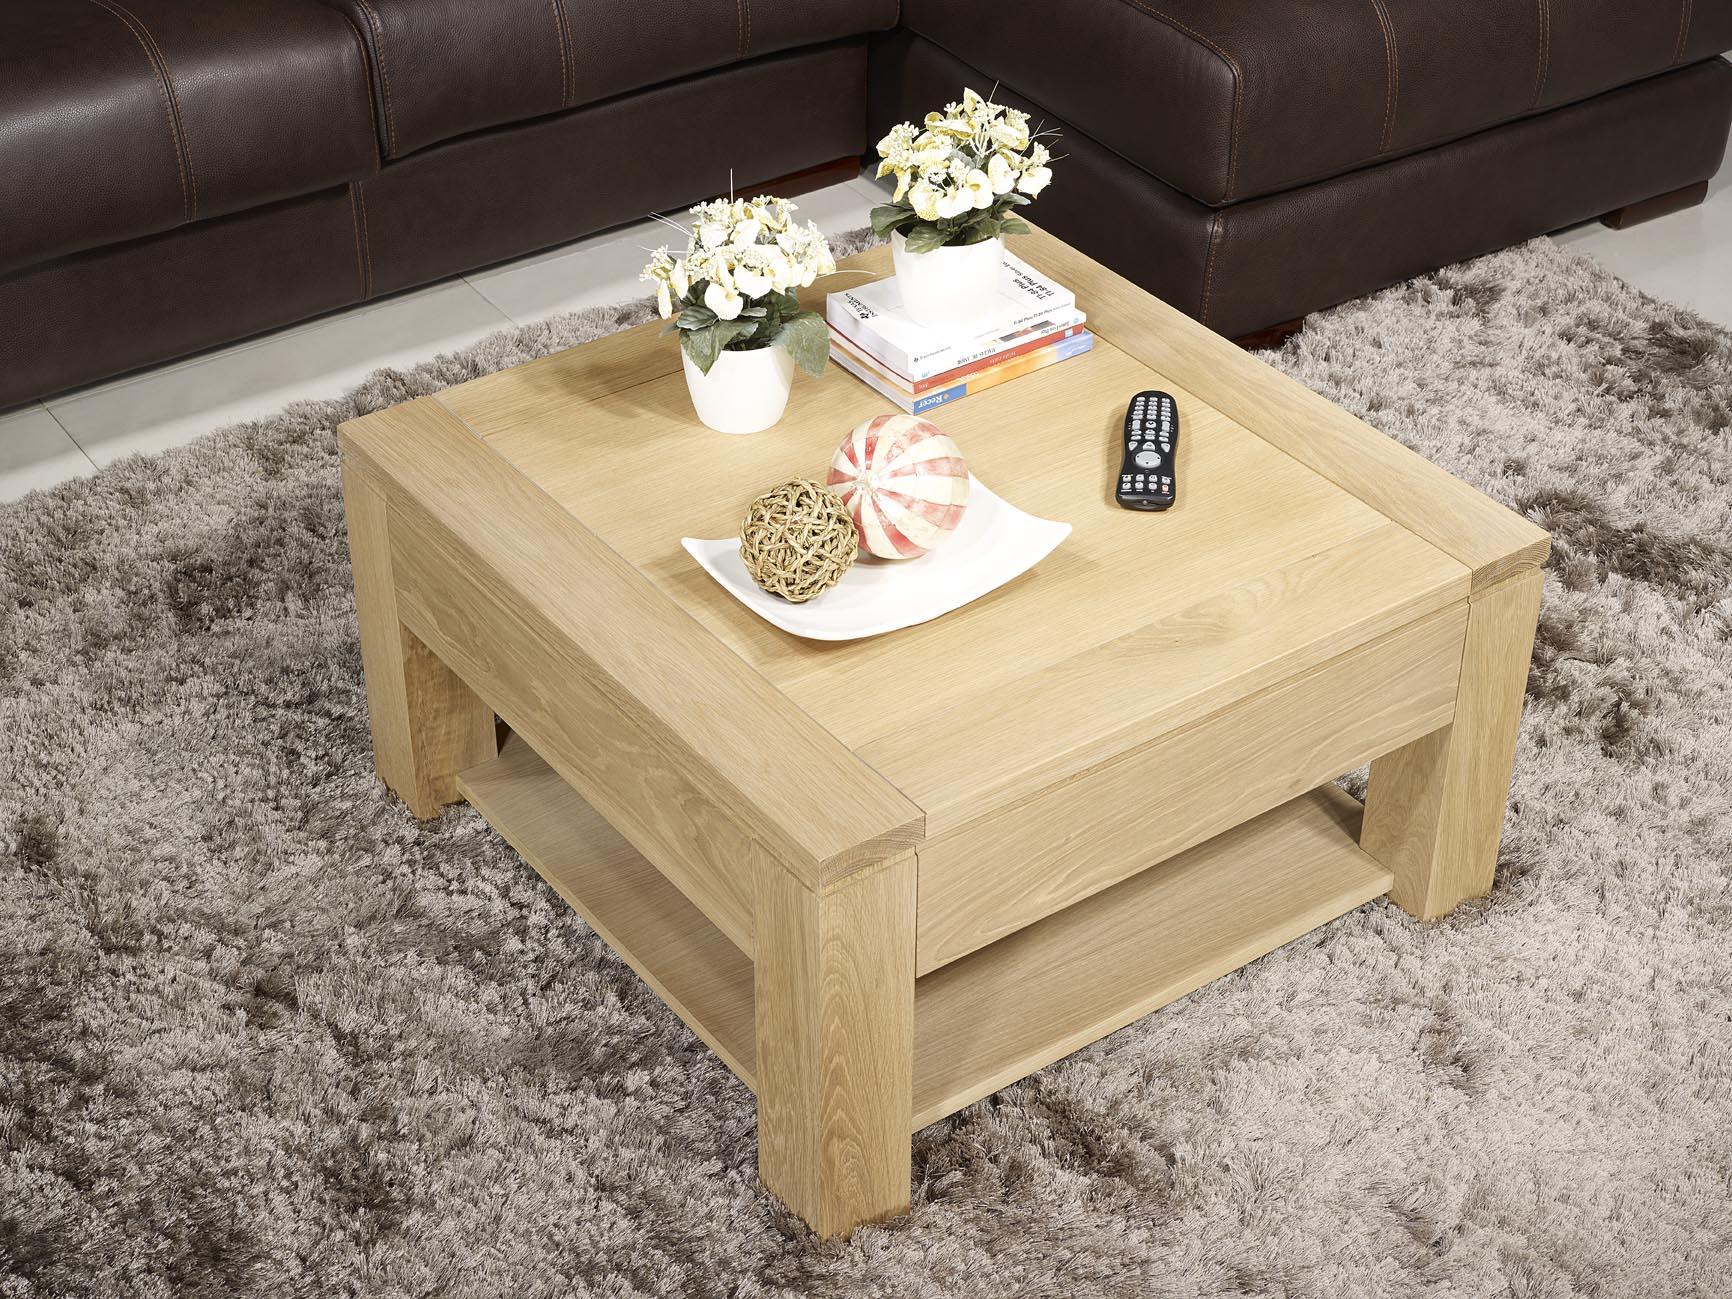 meuble en ch ne table basse jean gabriel r alis e en ch ne massif ligne contemporaine finition. Black Bedroom Furniture Sets. Home Design Ideas